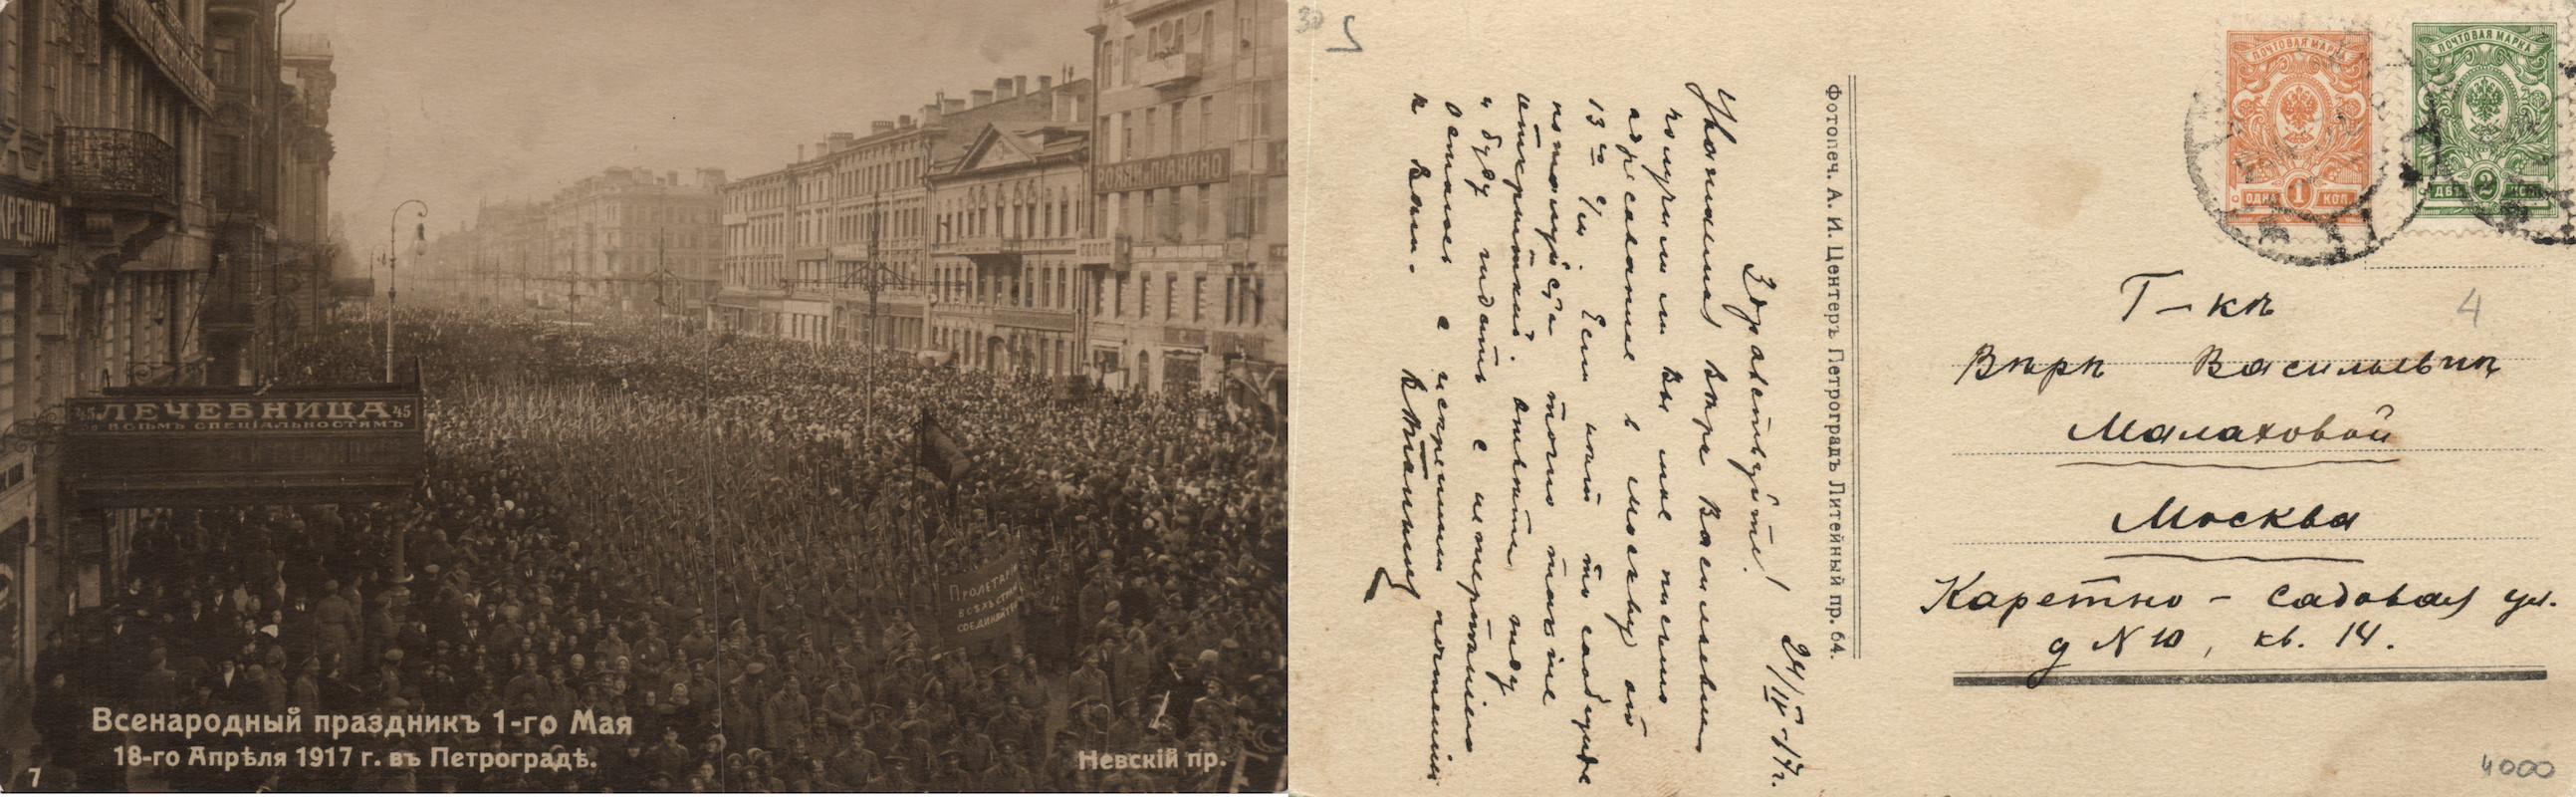 Die Postkarten zeigen 1917 als Jahr vielfältiger revolutionärer Ereignisse und Demonstrationen.